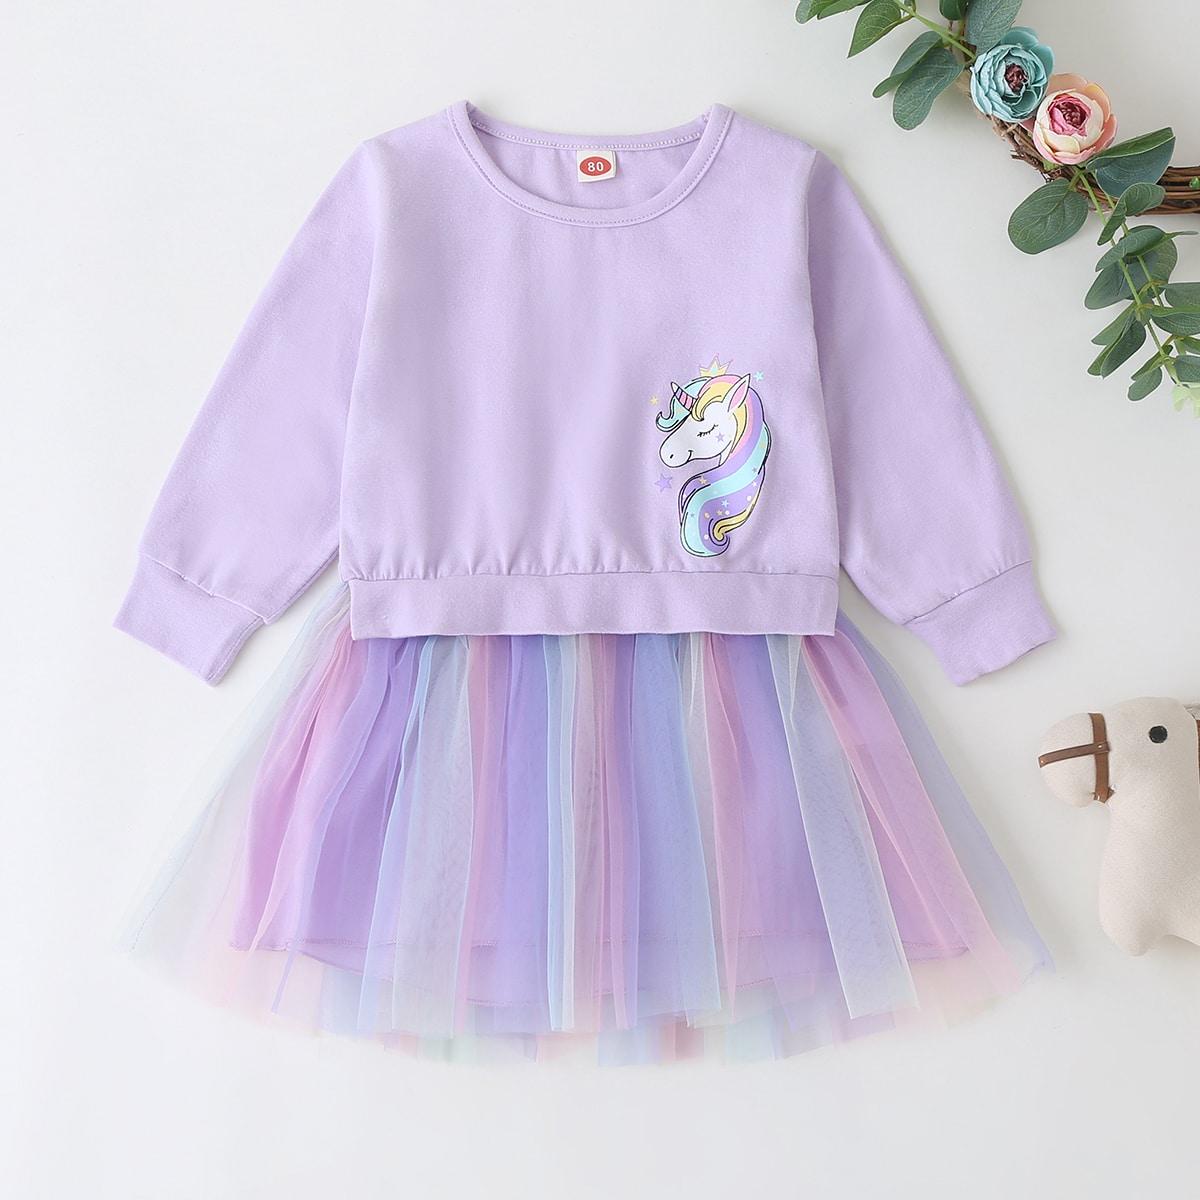 Платье-свитшот с принтом единорога и сетчатым низом для девочек SheIn skdress03200723679